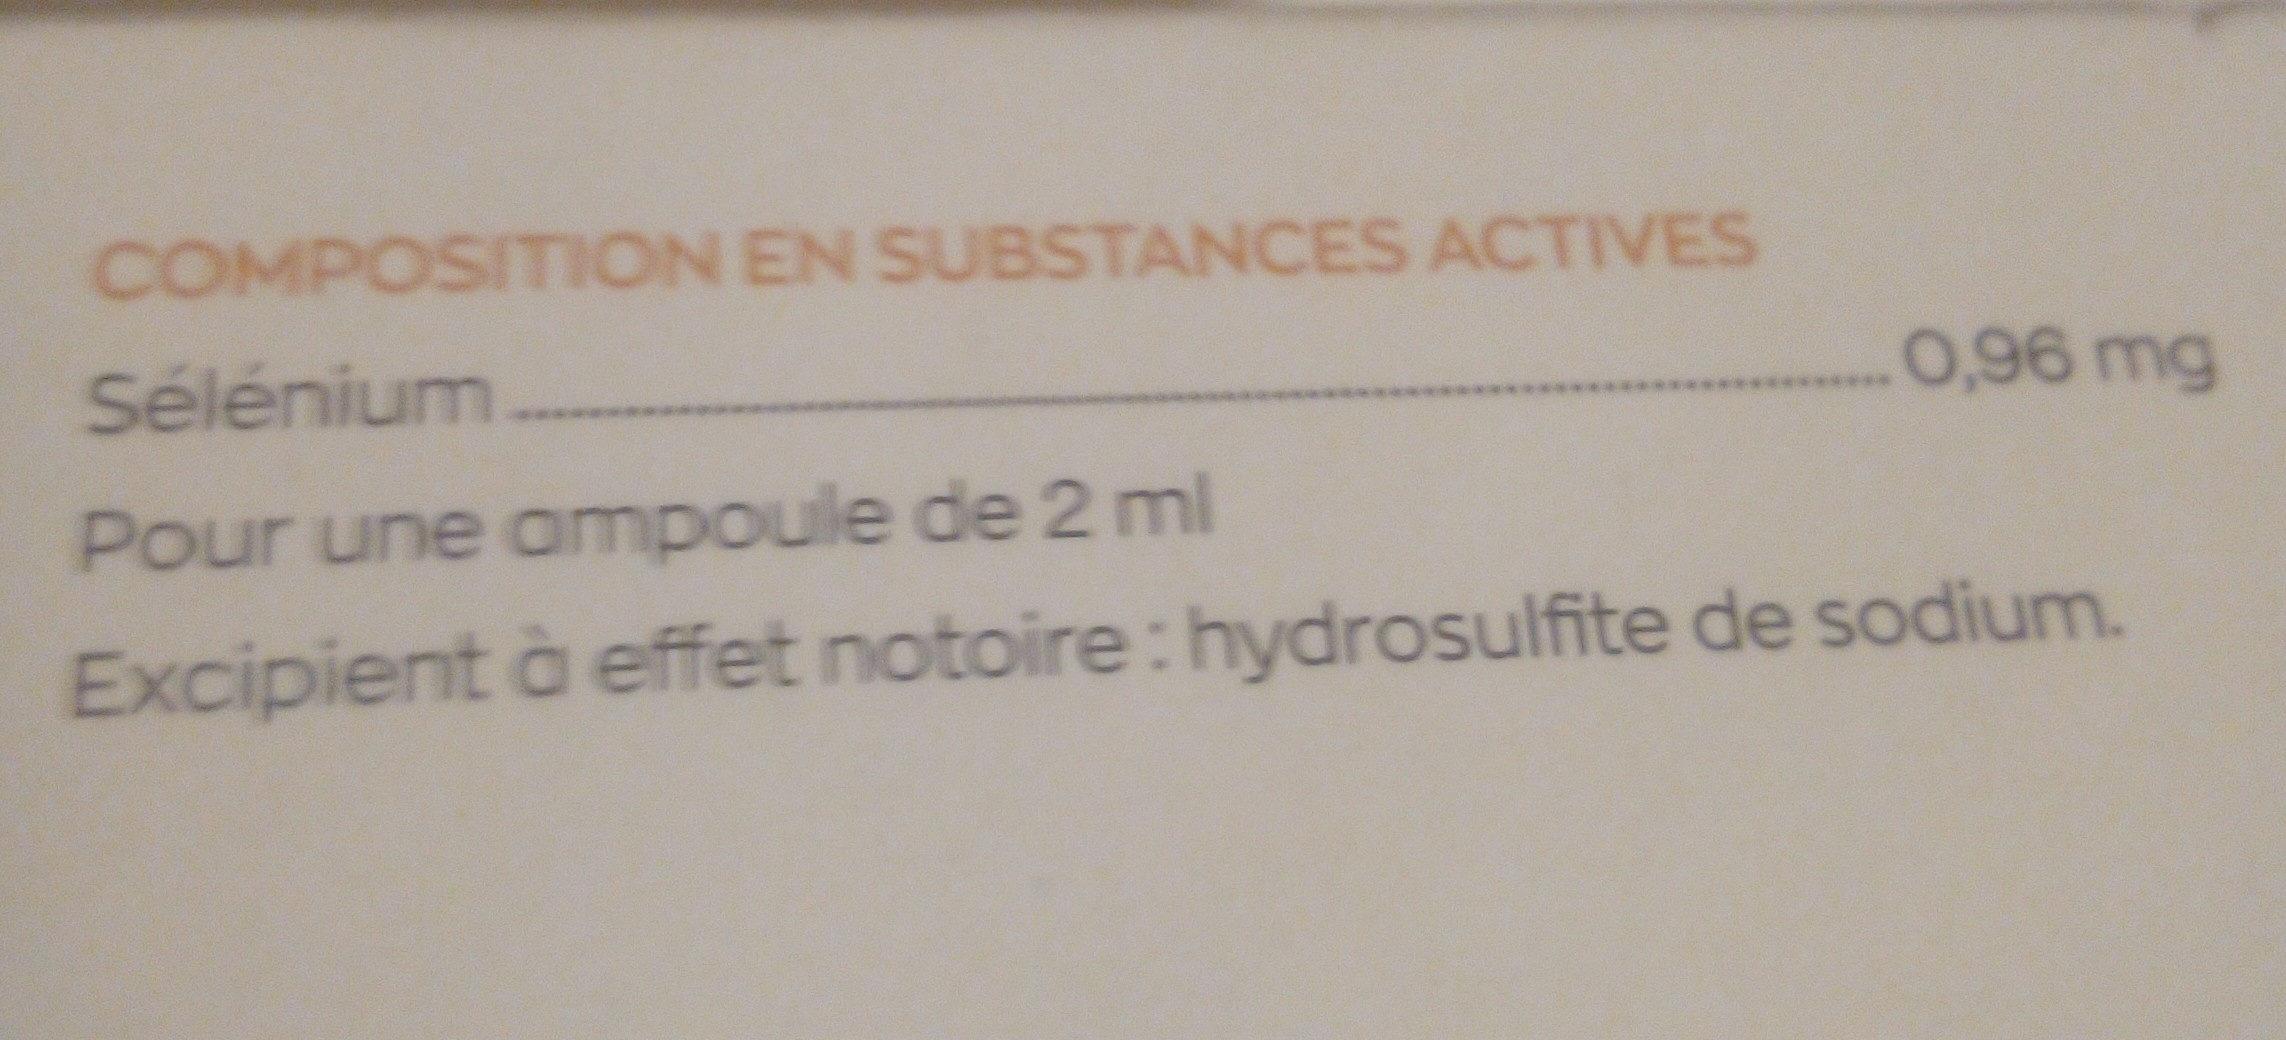 granions de sélénium - Inhaltsstoffe - fr